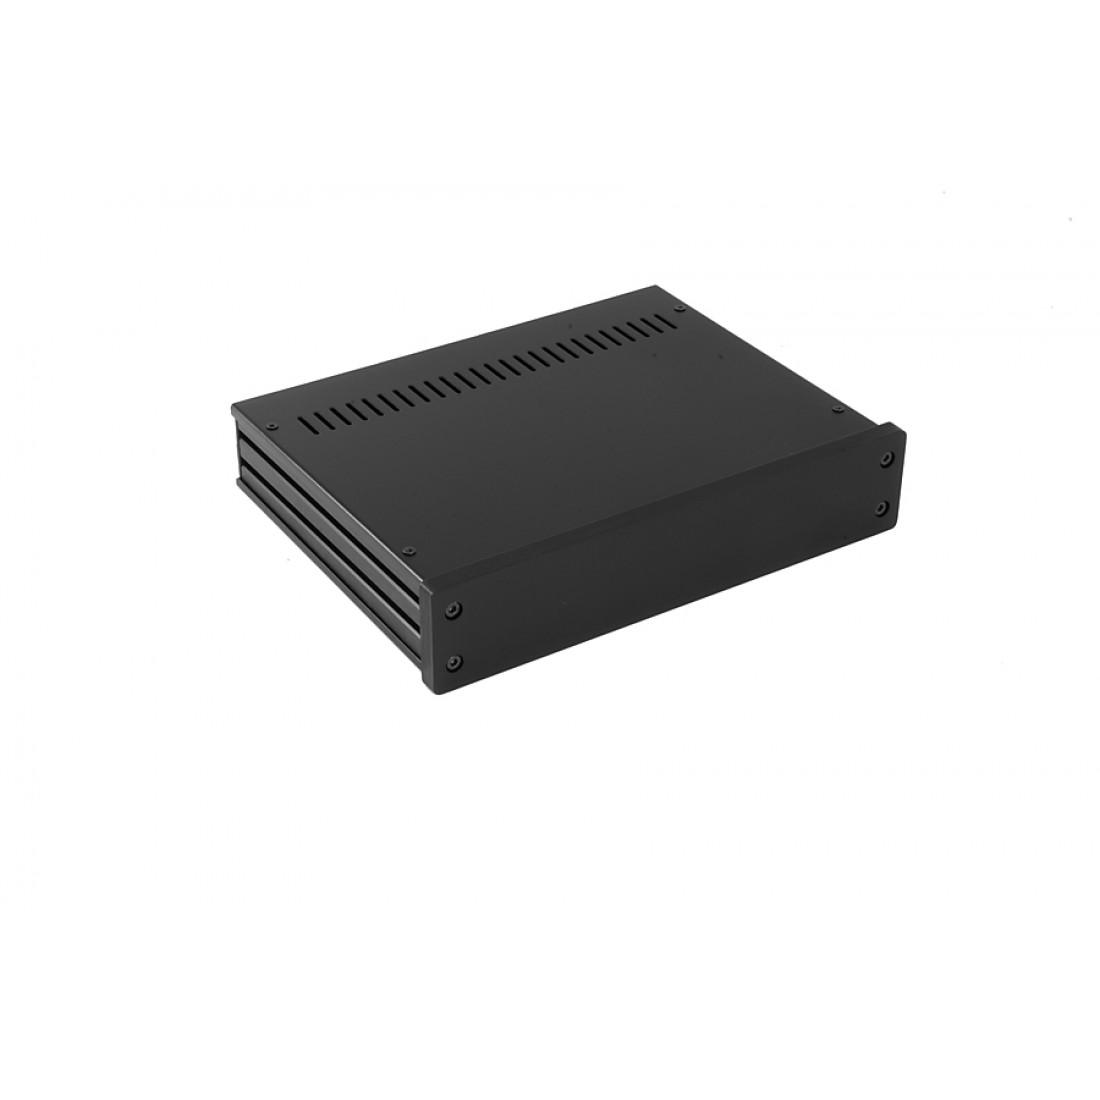 1NGX247N - 1U Galaxy krabice, 230 x 170 x 40mm, 10mm panel černý, Fe víka